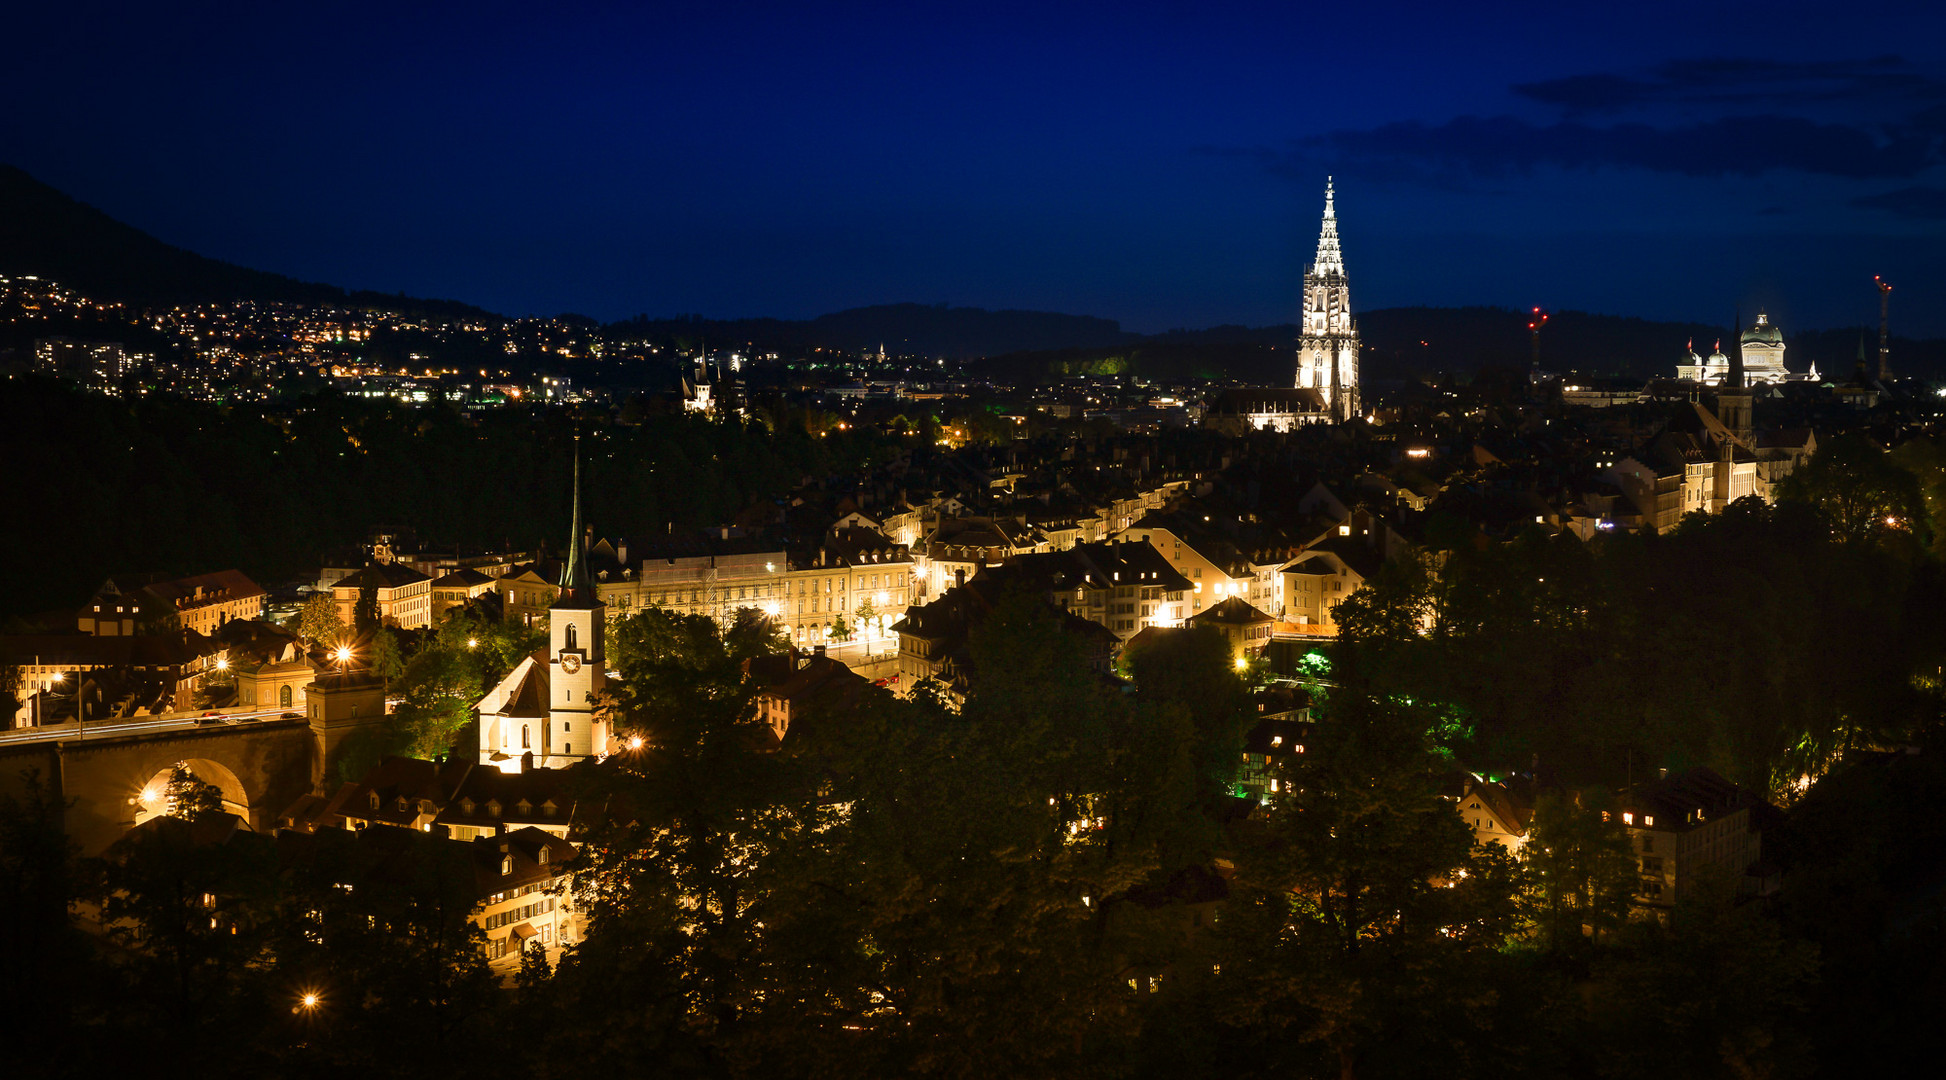 Berner Altstadt bei Nacht